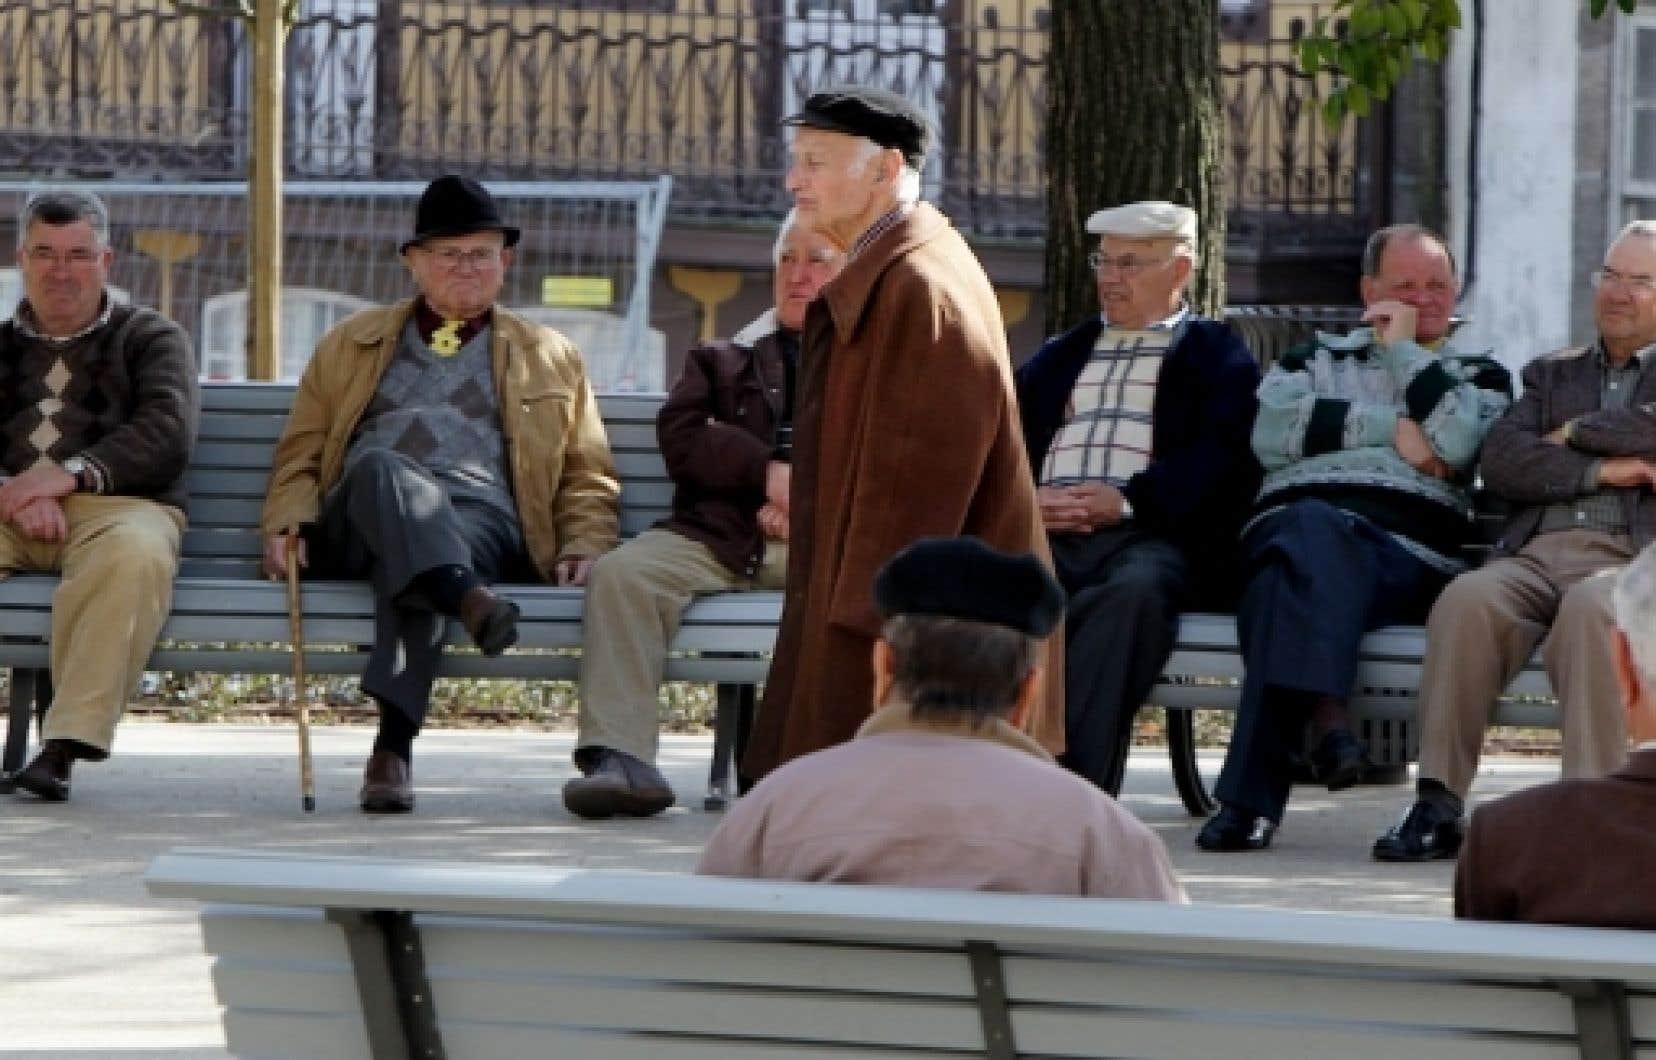 Deux crédits d'impôt pour les aînés seront instaurés pour les personnes de 70 ans et plus.